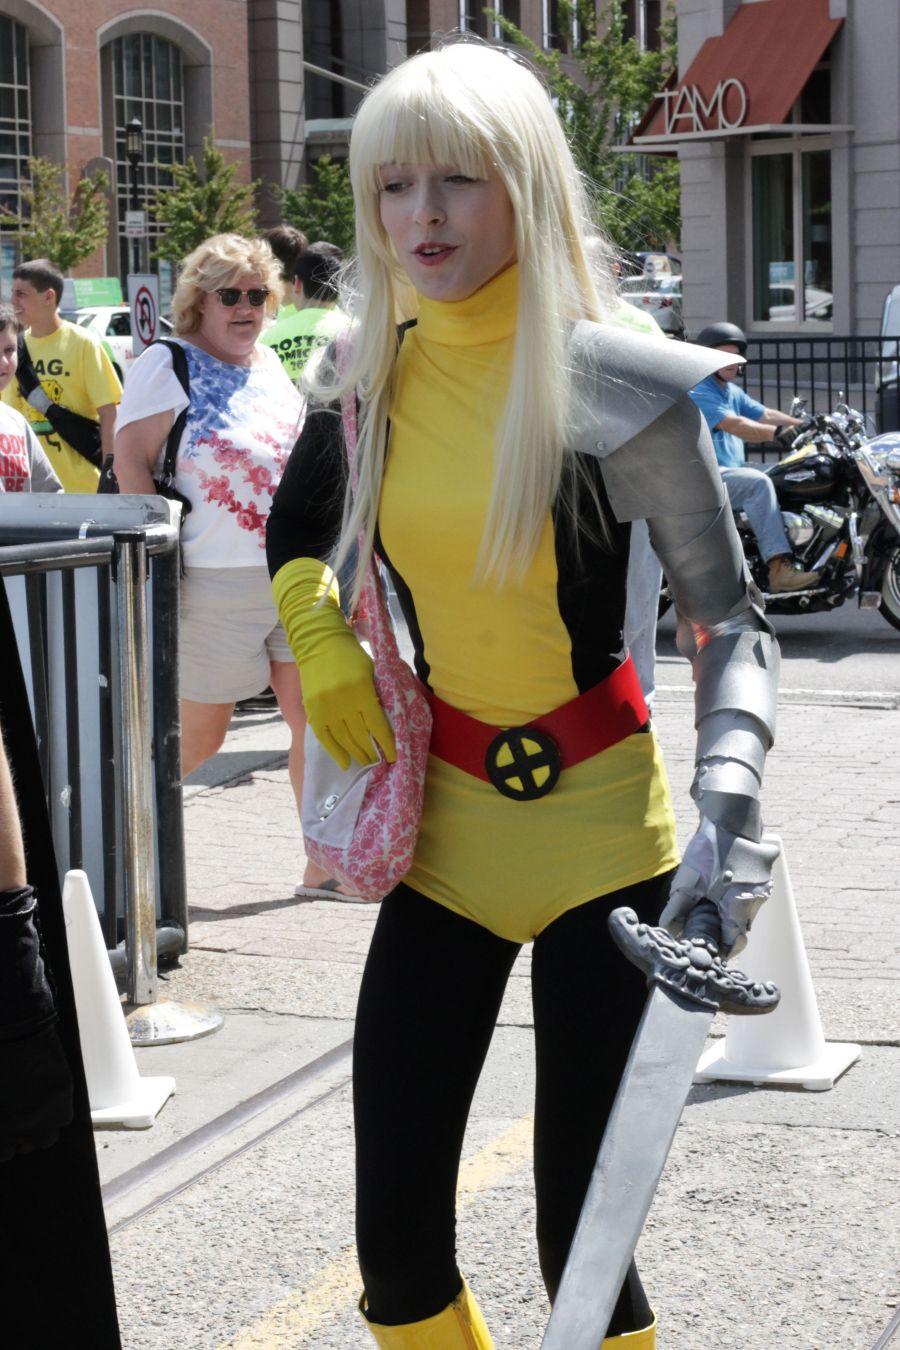 boston comic con august 8 costumes 7